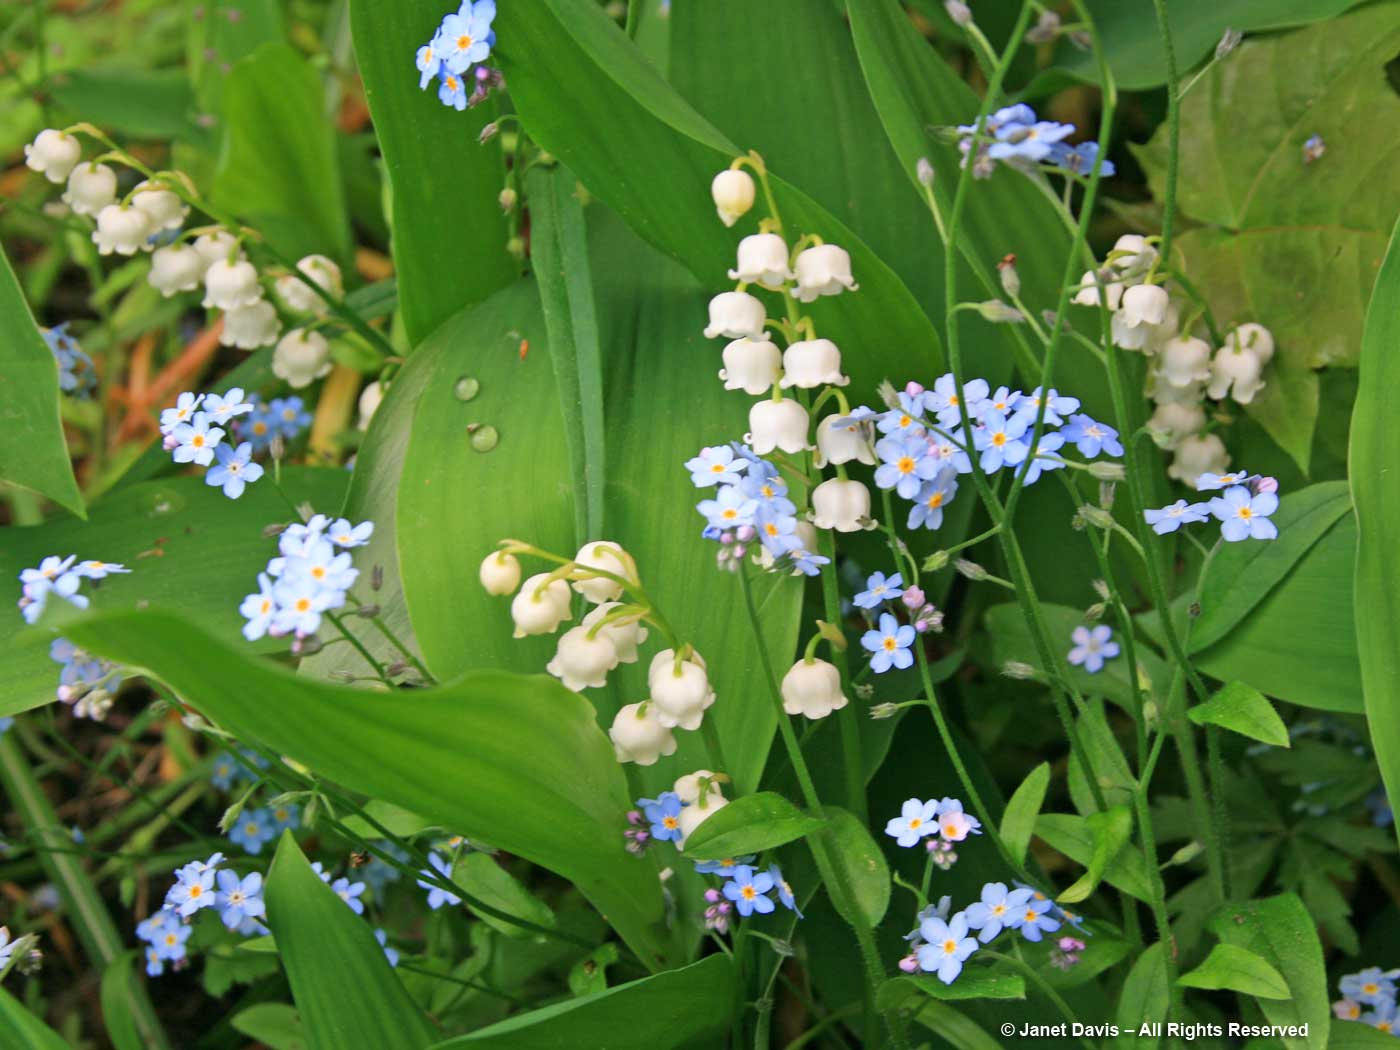 Convallaria majalis & Myosotis sylvatica